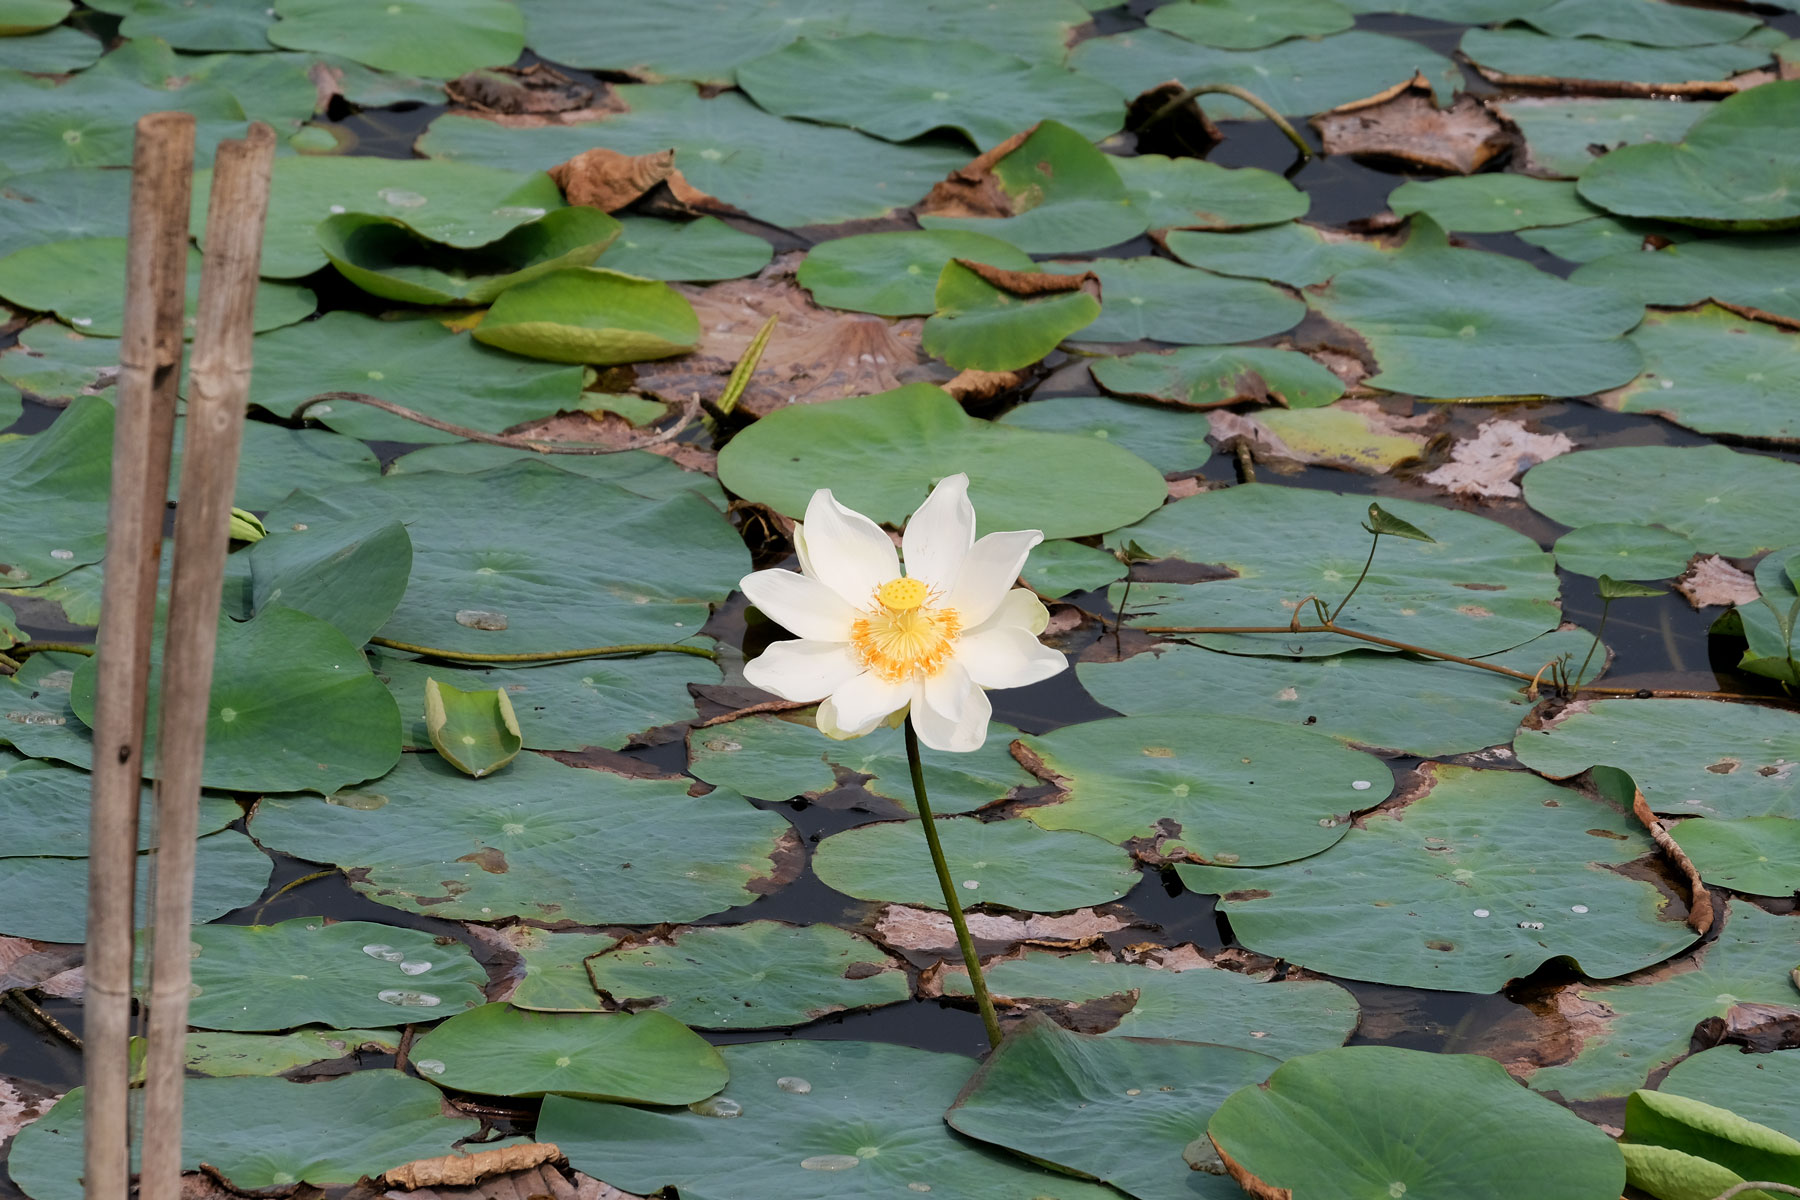 Lotusblüte im Wasser.